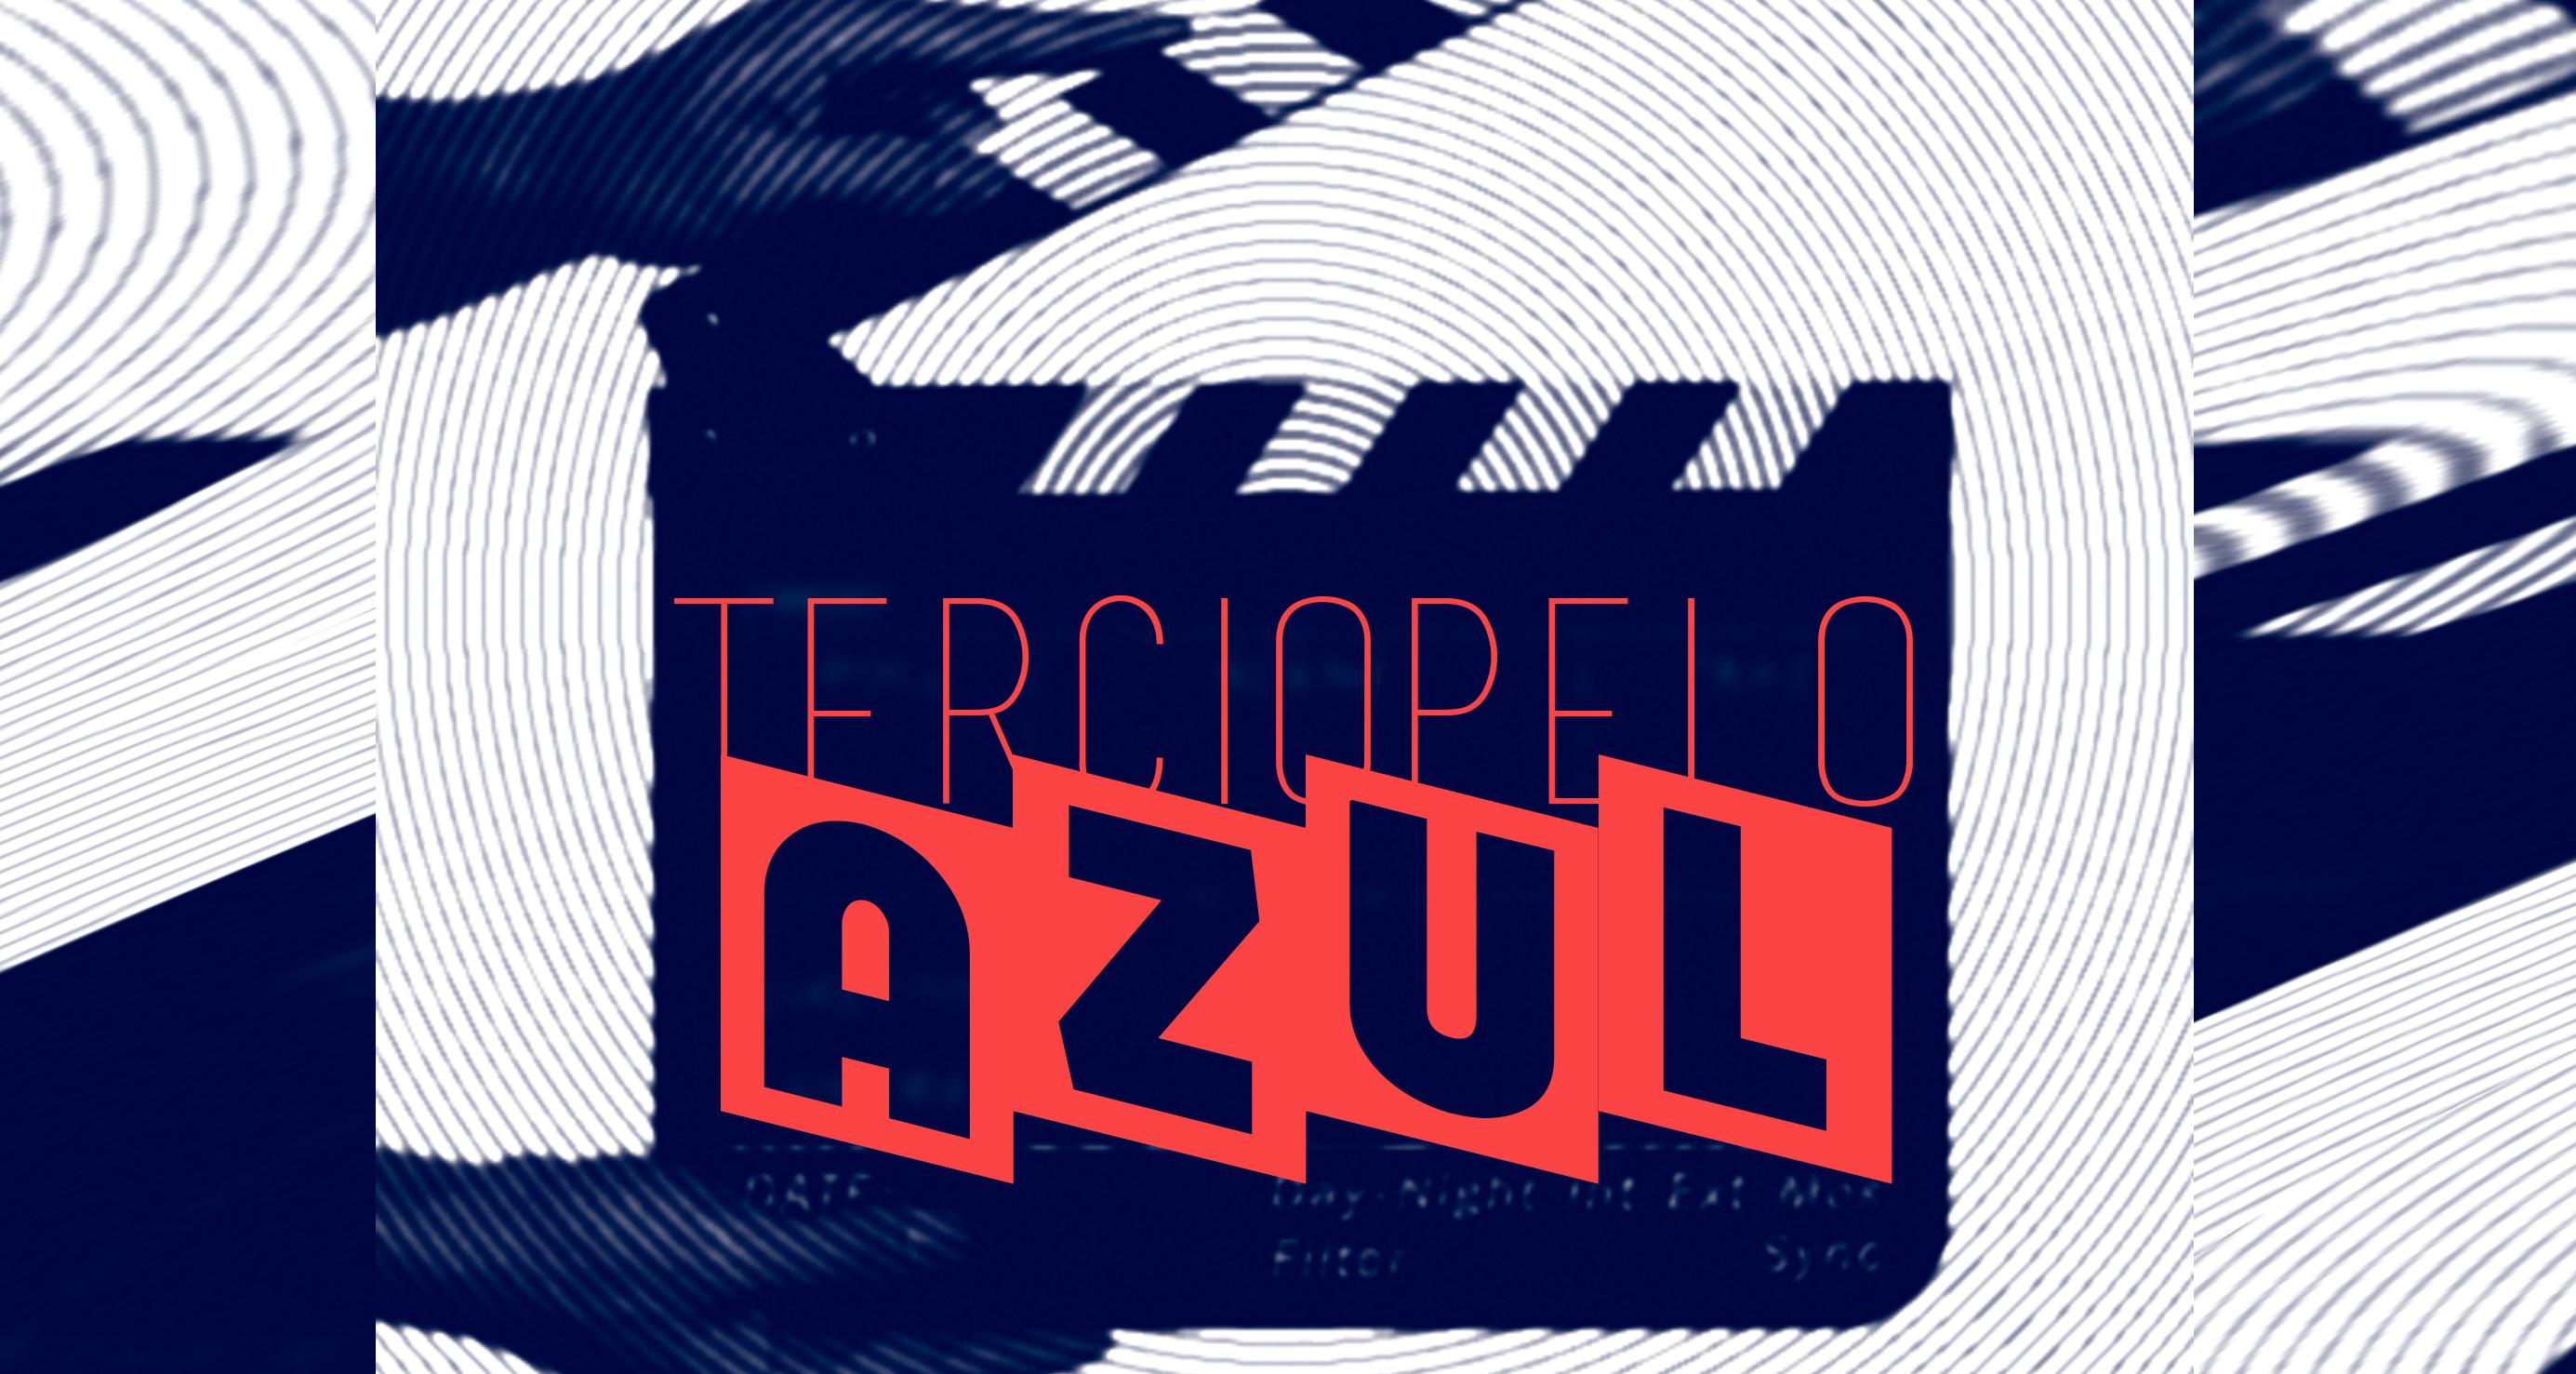 LOGO TERCIOPELO AZUL